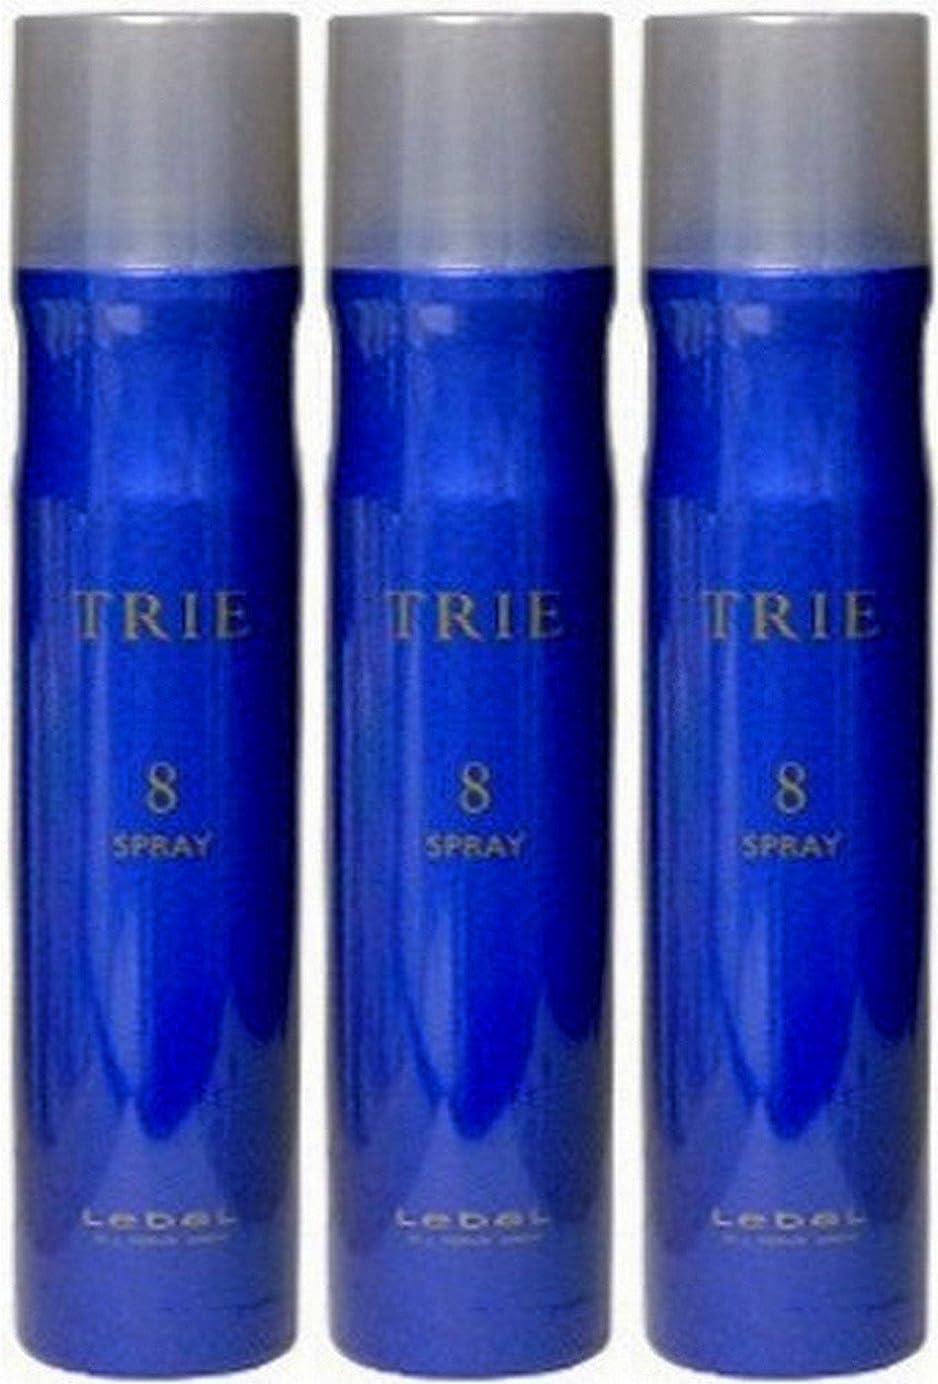 トレッド損失に対応する【3個セット】ルベル トリエ スプレー8 170g